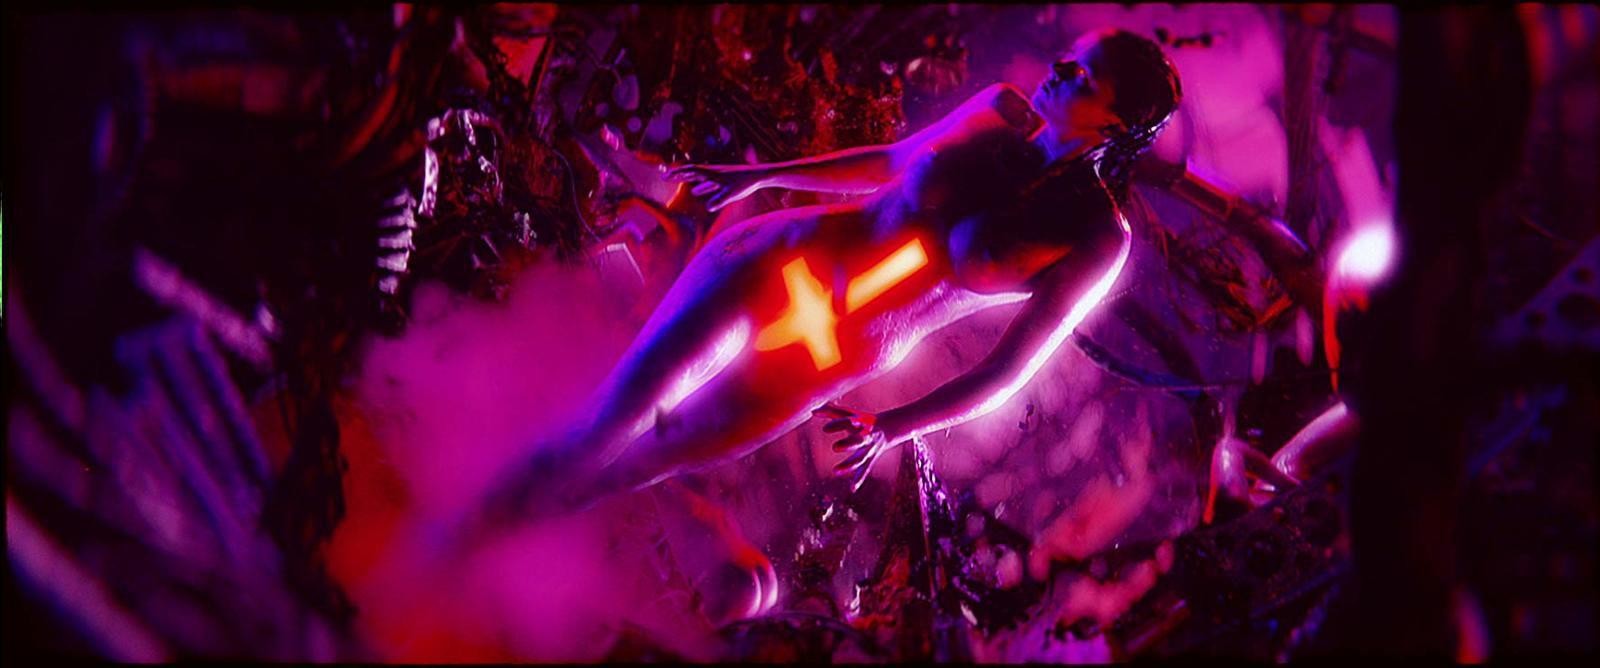 BLOOD MACHINES (BANDE-ANNONCE) au cinéma du 1er au 4 septembre 2020